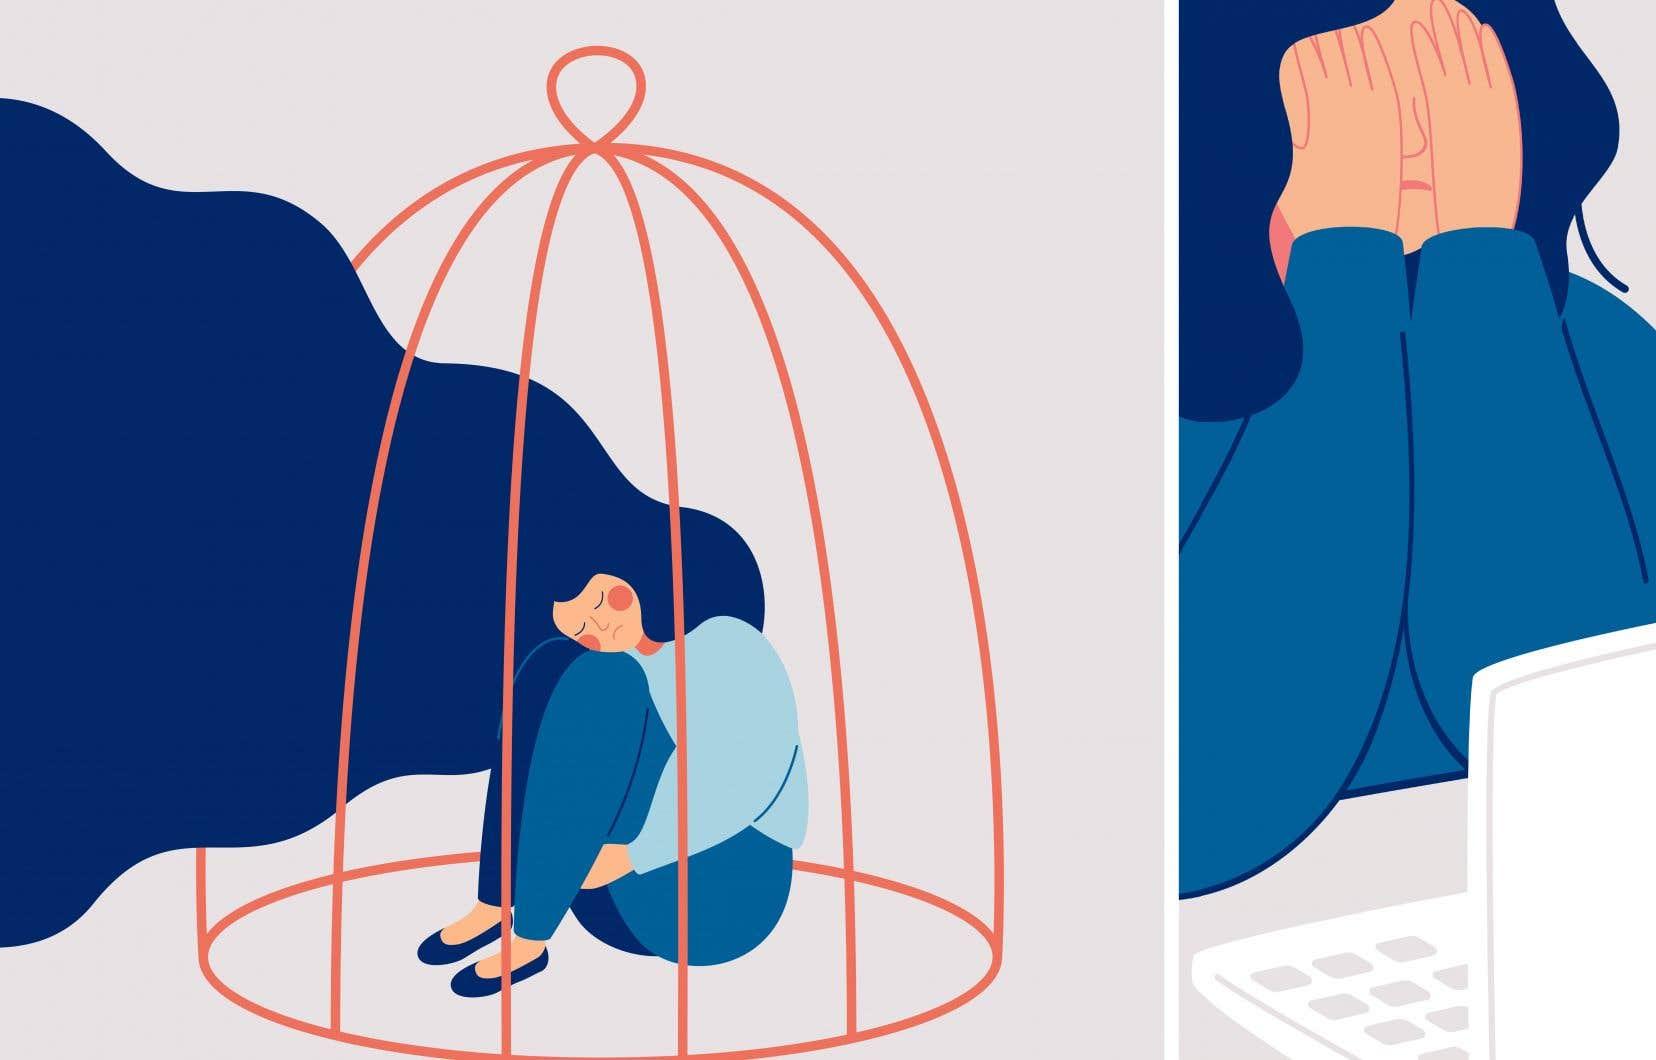 Pour lutter contre la violence faite aux femmes, un changement de mentalité doit s'opérer dans la société, à commencer par cesser de banaliser la misogynie sur les réseaux sociaux.